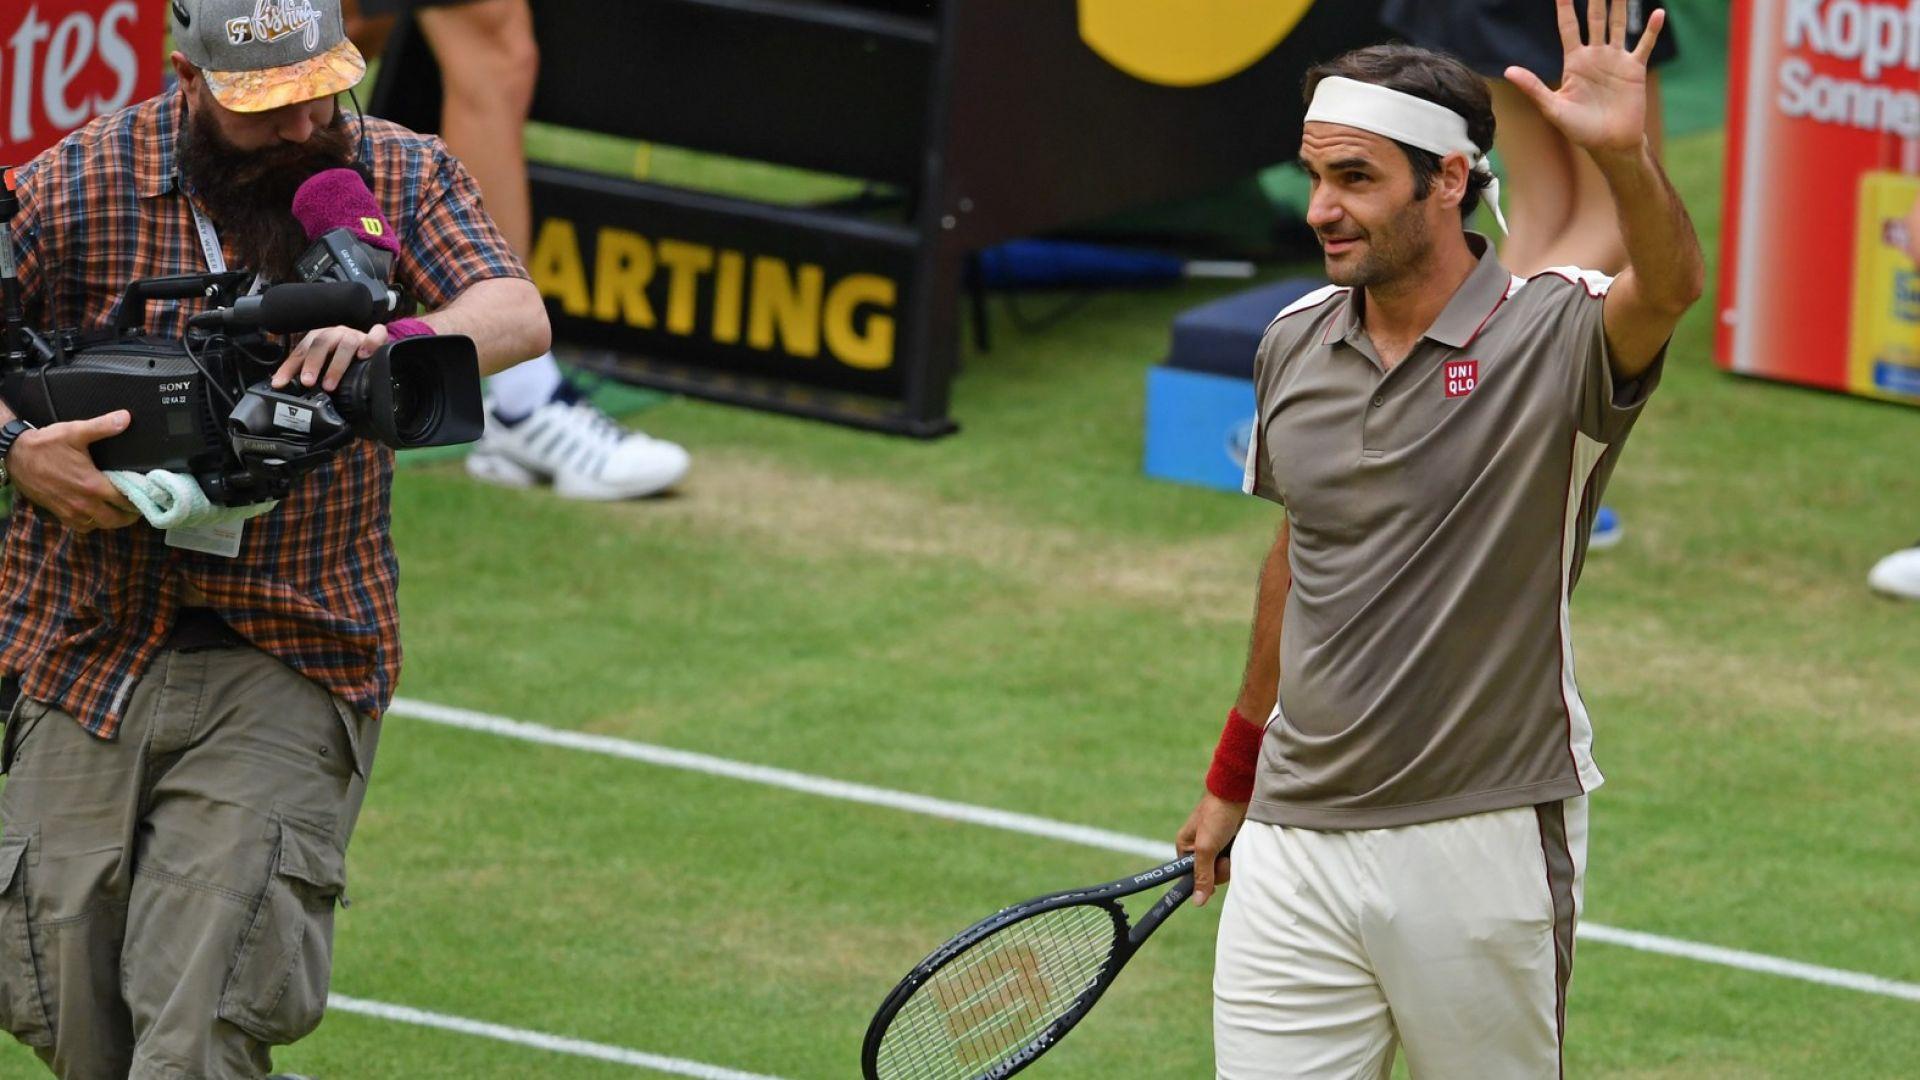 Федерер гравира нов зашеметителен рекорд до името си